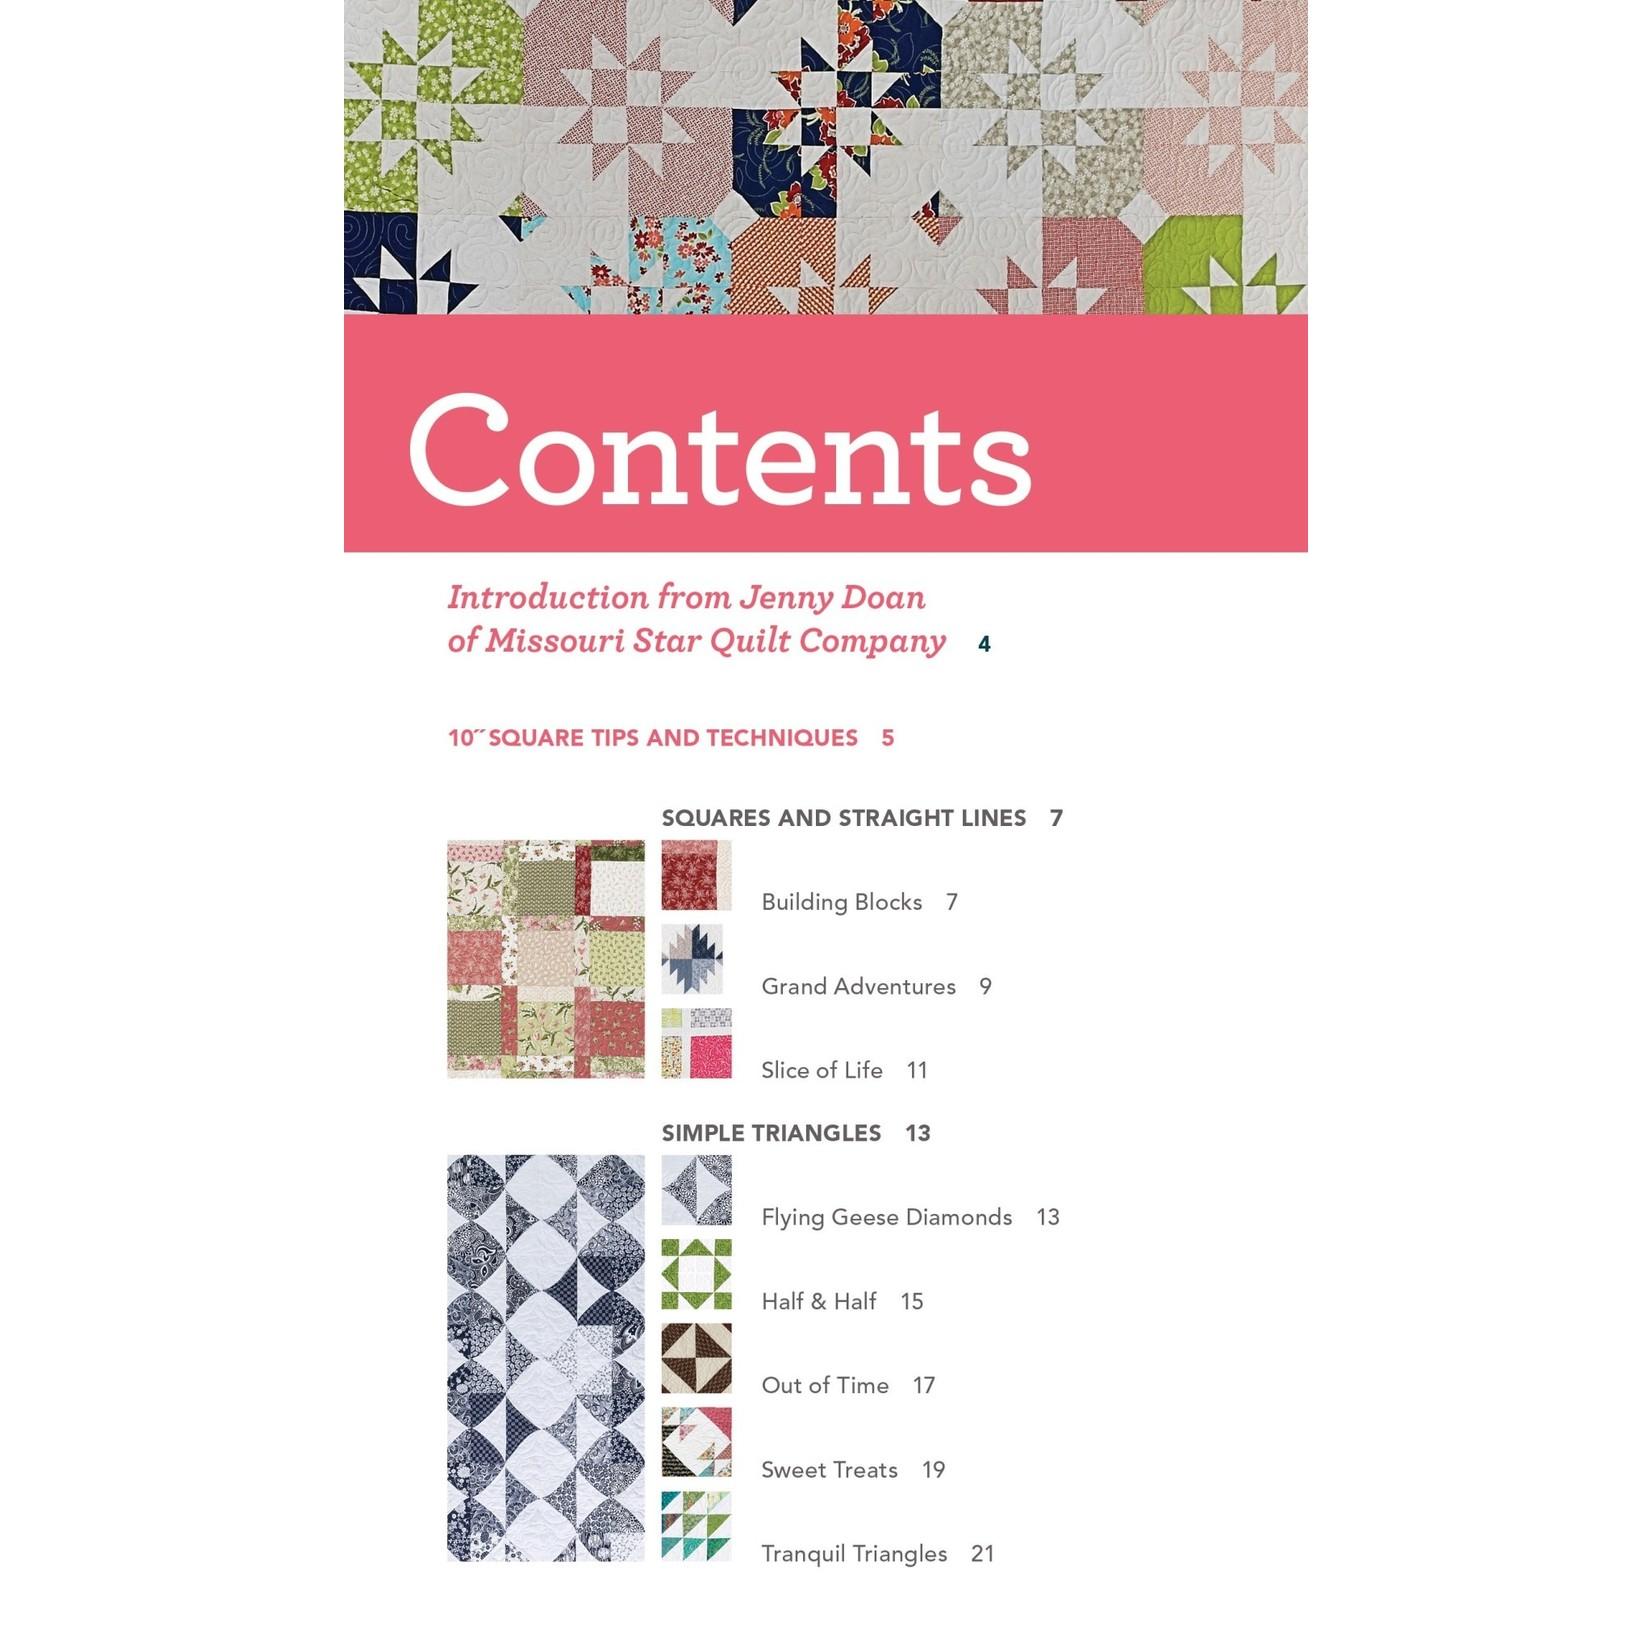 C&T PUBLISHING Quilter's 10 inch Square Precut Companion